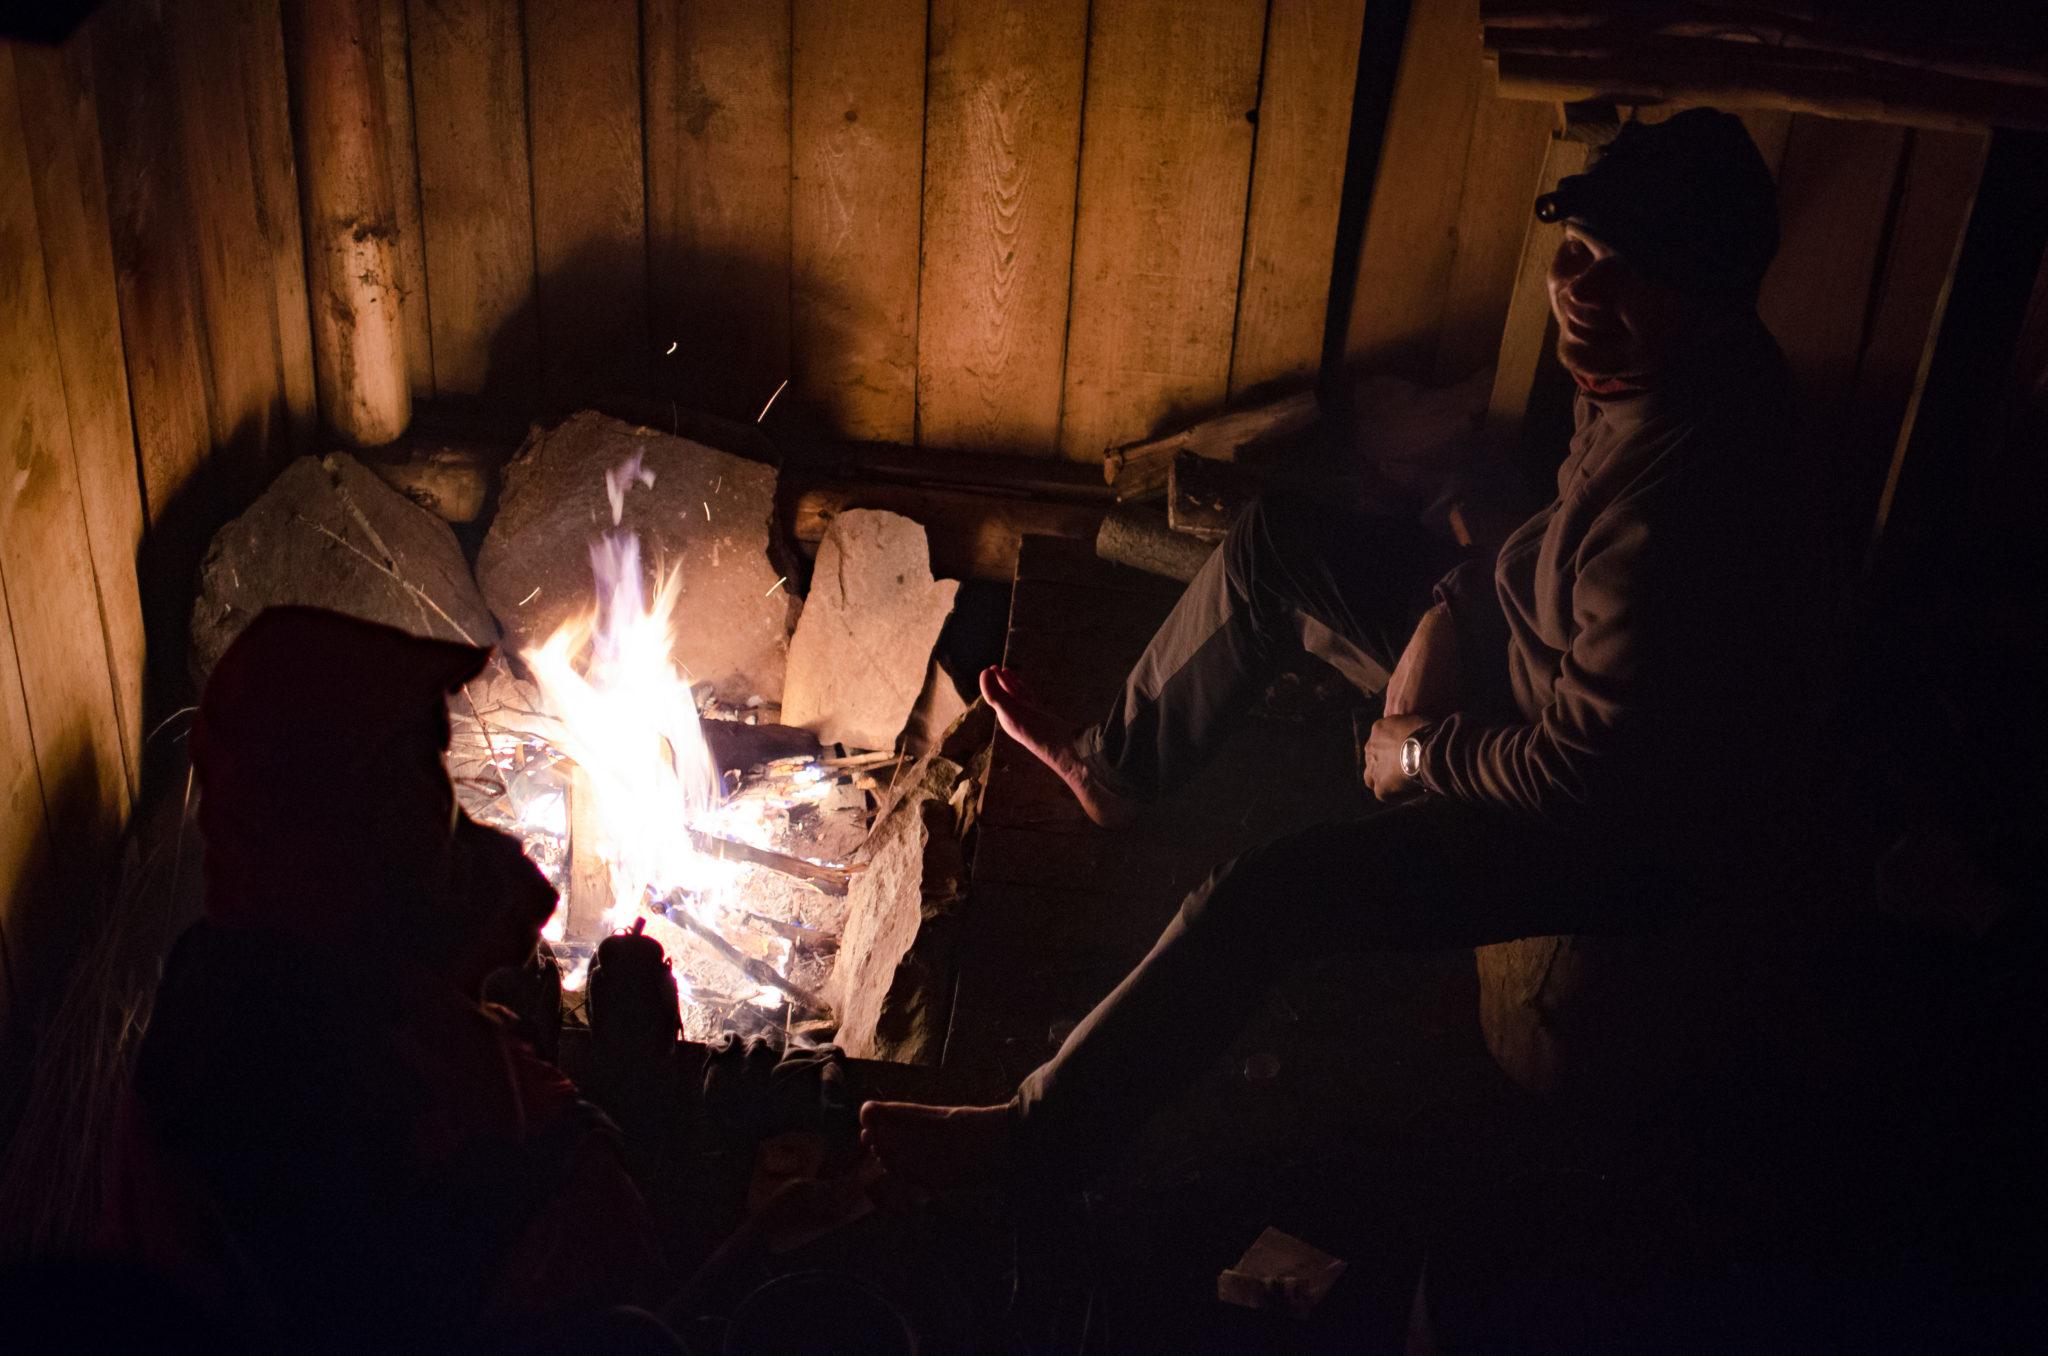 Mężczyzna siedzie przy ognisku